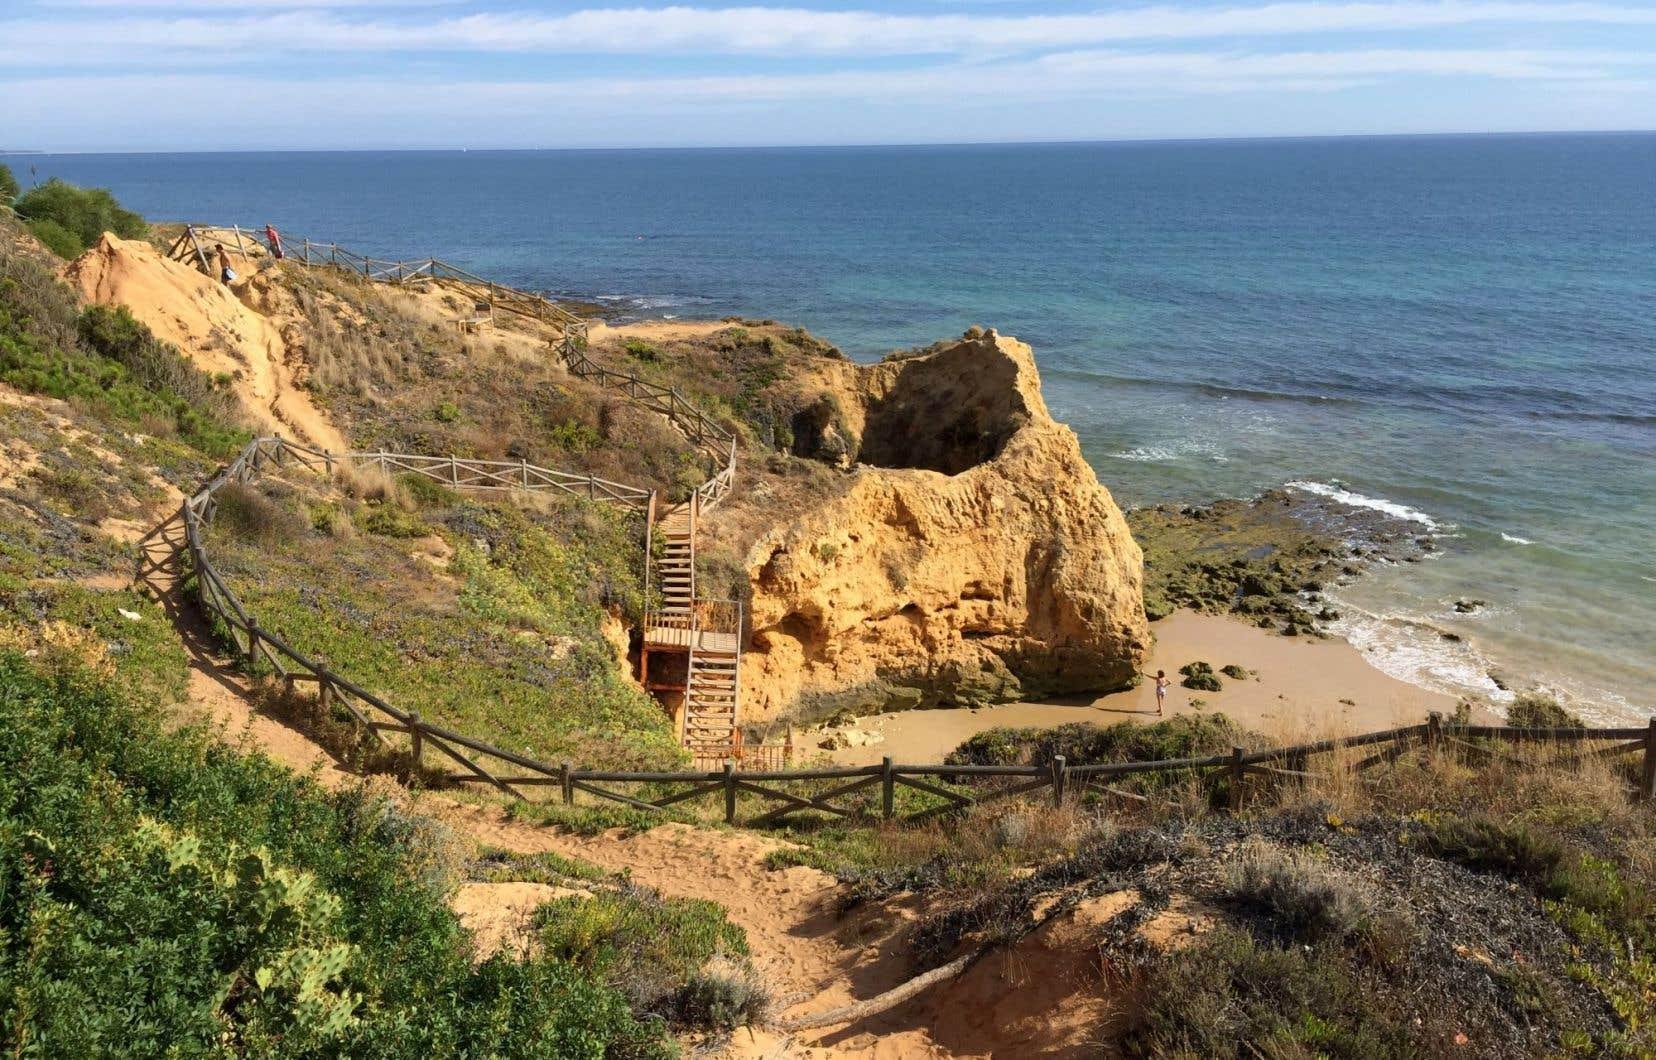 Une des magnifiques plages de la côte déchiquetée du Barlavento de l'Algarve, entre Albufeira et Cabo Sao Vincente. Des sites aux formations géologiques parmi les plus spectaculaires au monde.